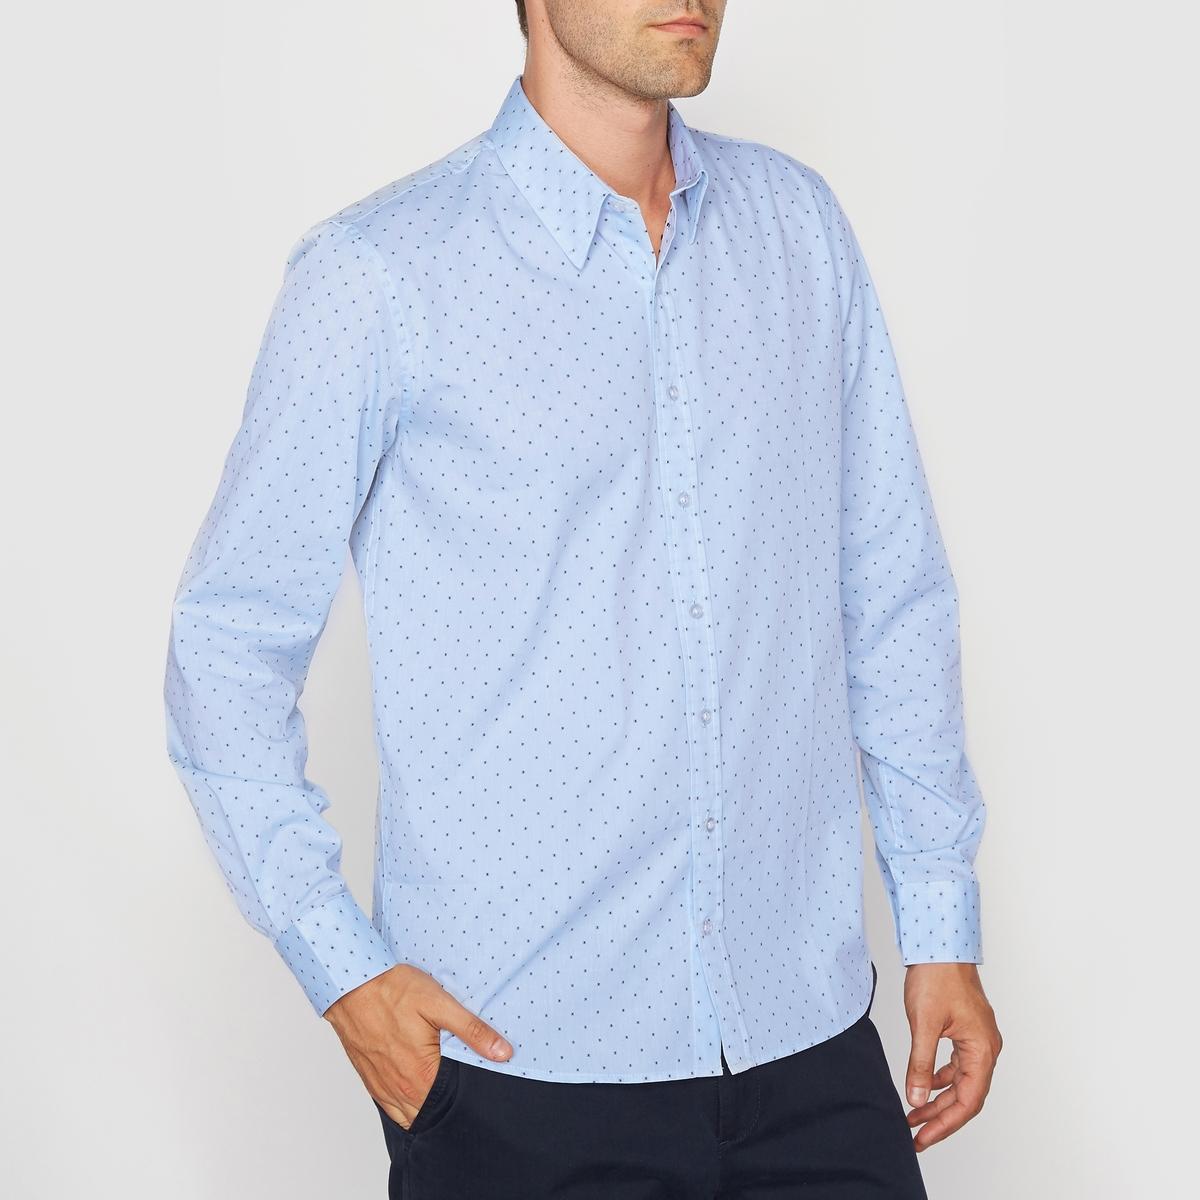 Рубашка прямого покроя с длинными рукавами, 100% хлопокРубашка с рисунком с длинными рукавами. Прямой покрой и классический воротник со свободными кончиками  . Манжеты с застежкой на пуговицы. Состав и описание :Основной материал : 100% хлопкаДлина : 77 смМарка : R essentiel.Уход :Машинная стирка при 30 °CСтирать вместе с одеждой подобных цветовСтирка и глажка с изнаночной стороныЗапрещена сухая (химическая) чистка<br><br>Цвет: в елочку/голубой